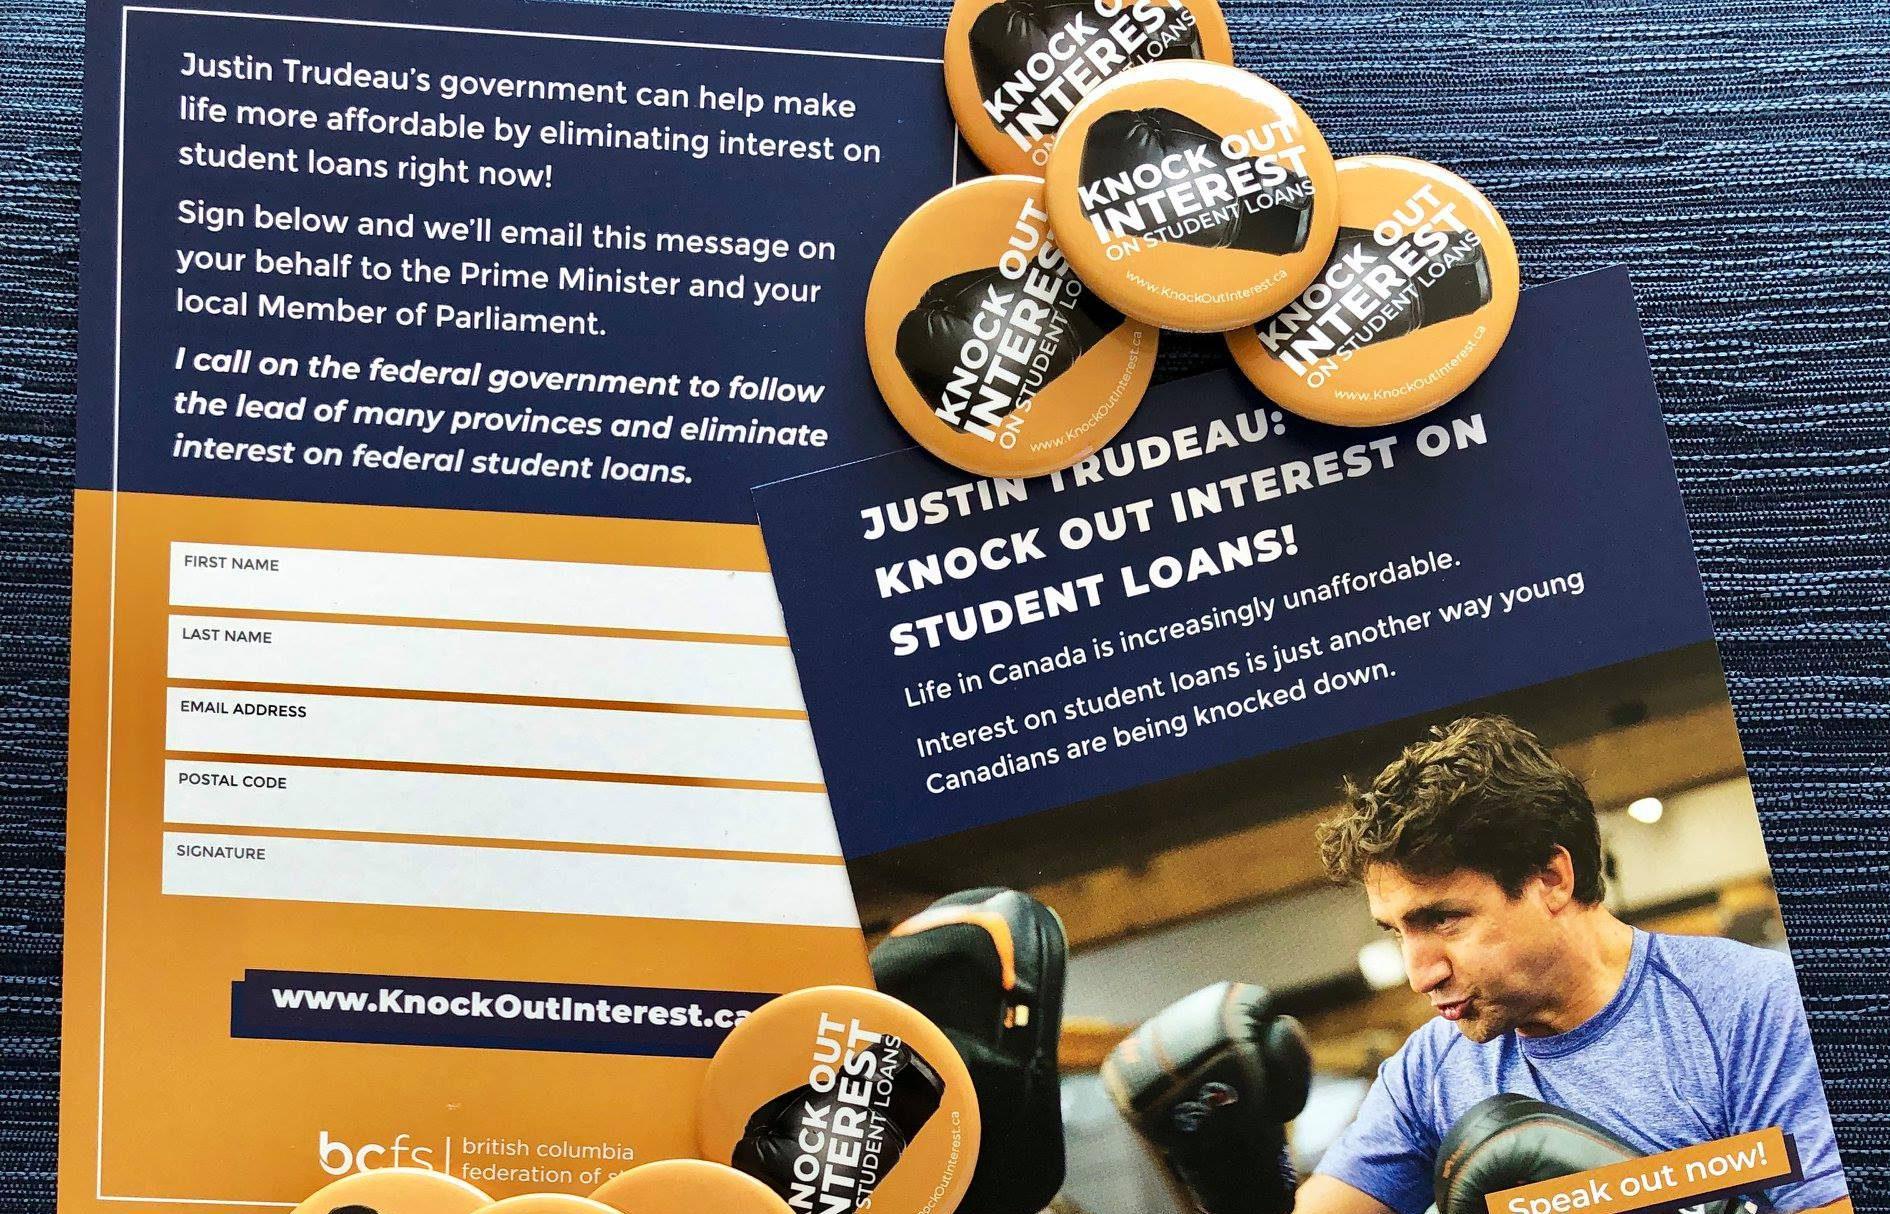 URSU Endorses Knock Out Interest Campaign